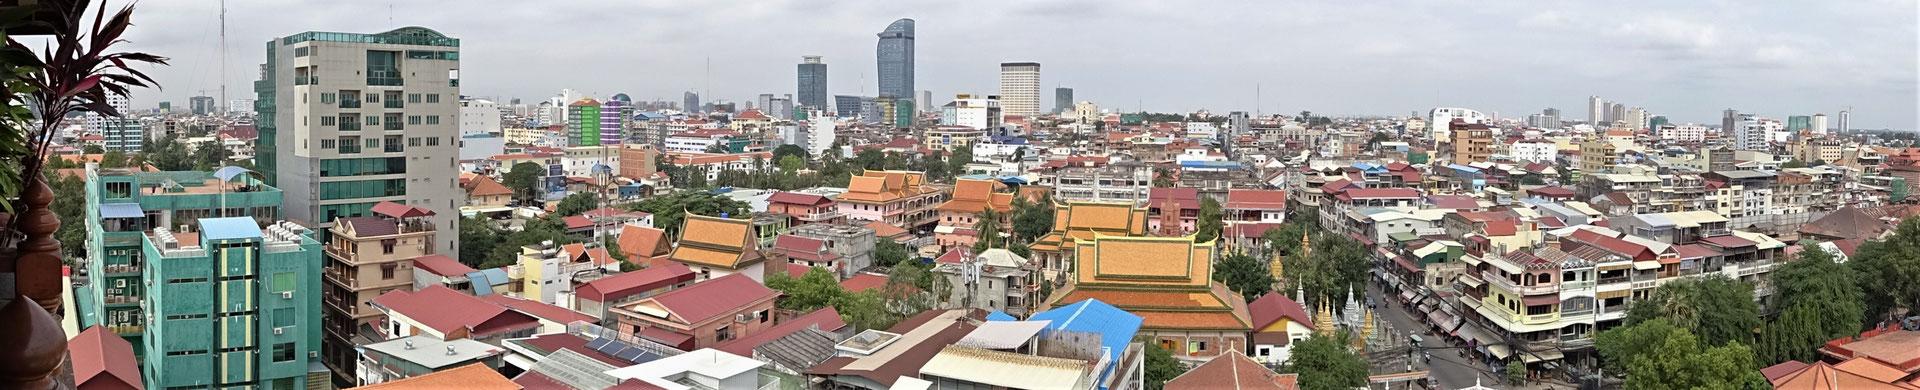 Der Blick über die Stadt.....